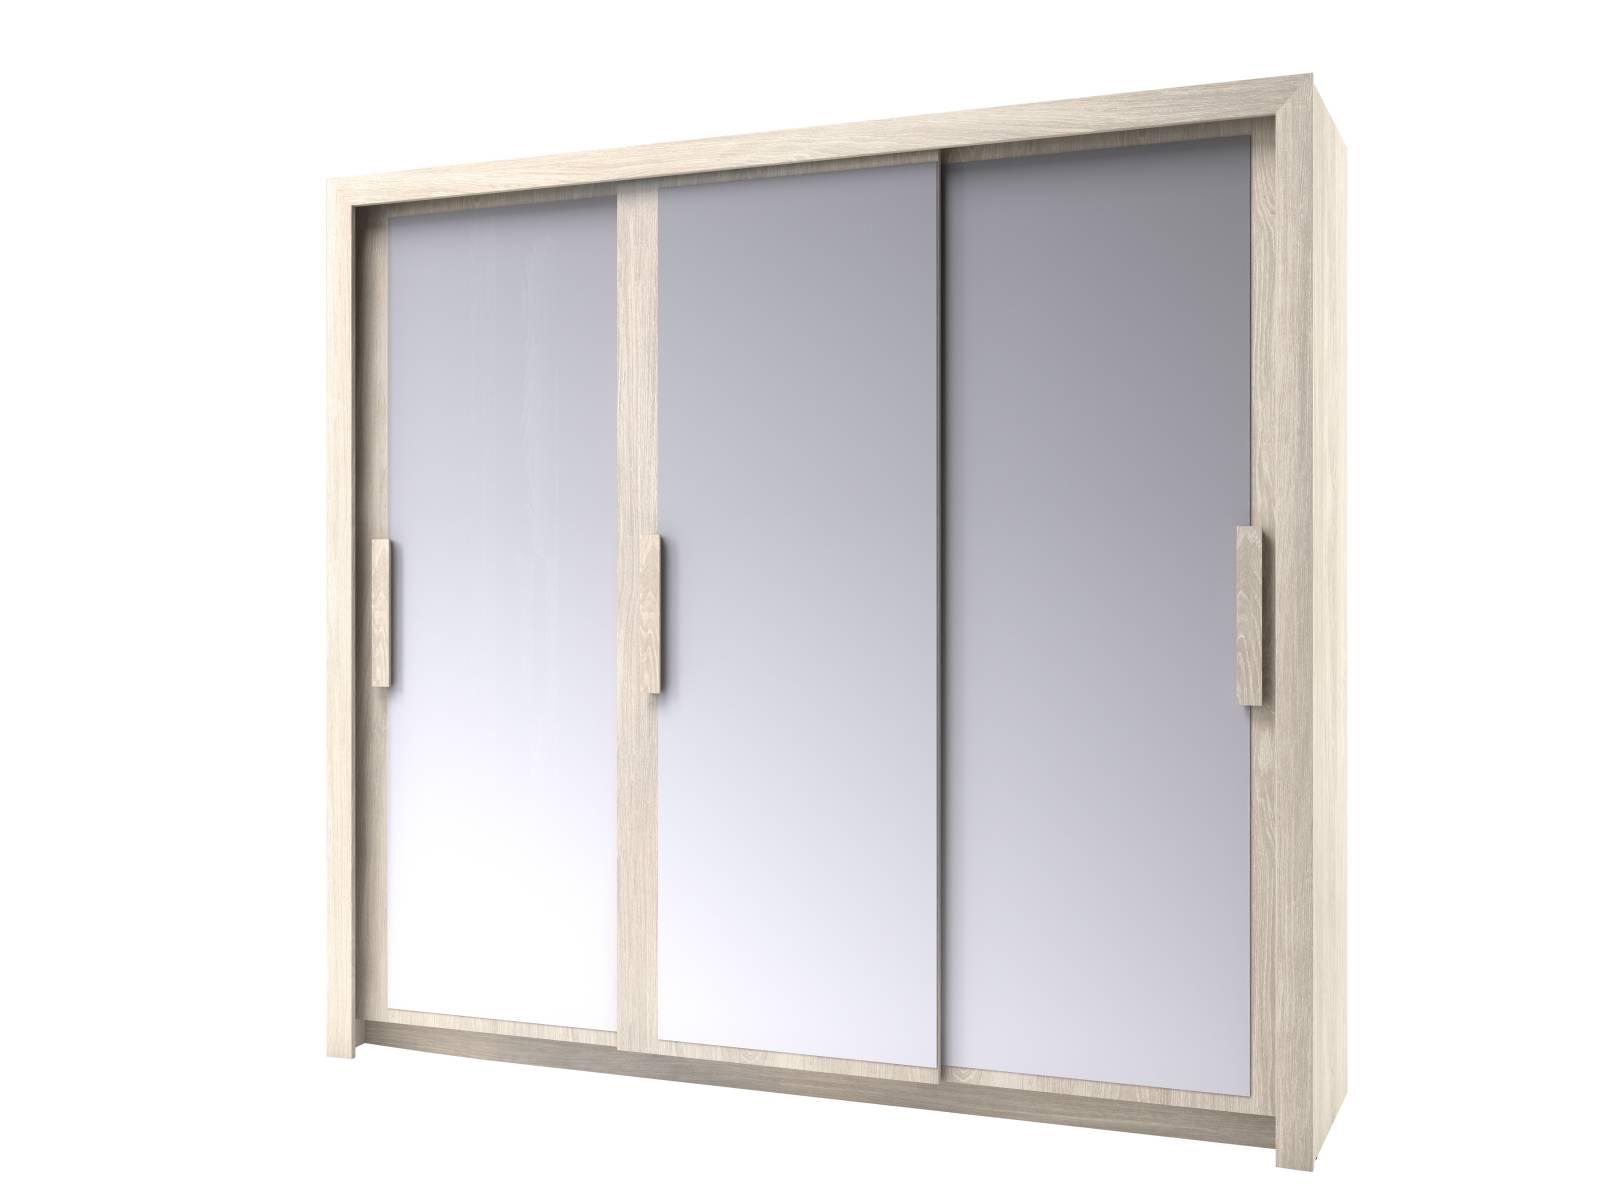 Chenin 3 Door Mirrored Wardrobe (Light Oak) | All Ranges | Cousins Inside 3 Door Mirrored Wardrobes (View 6 of 15)